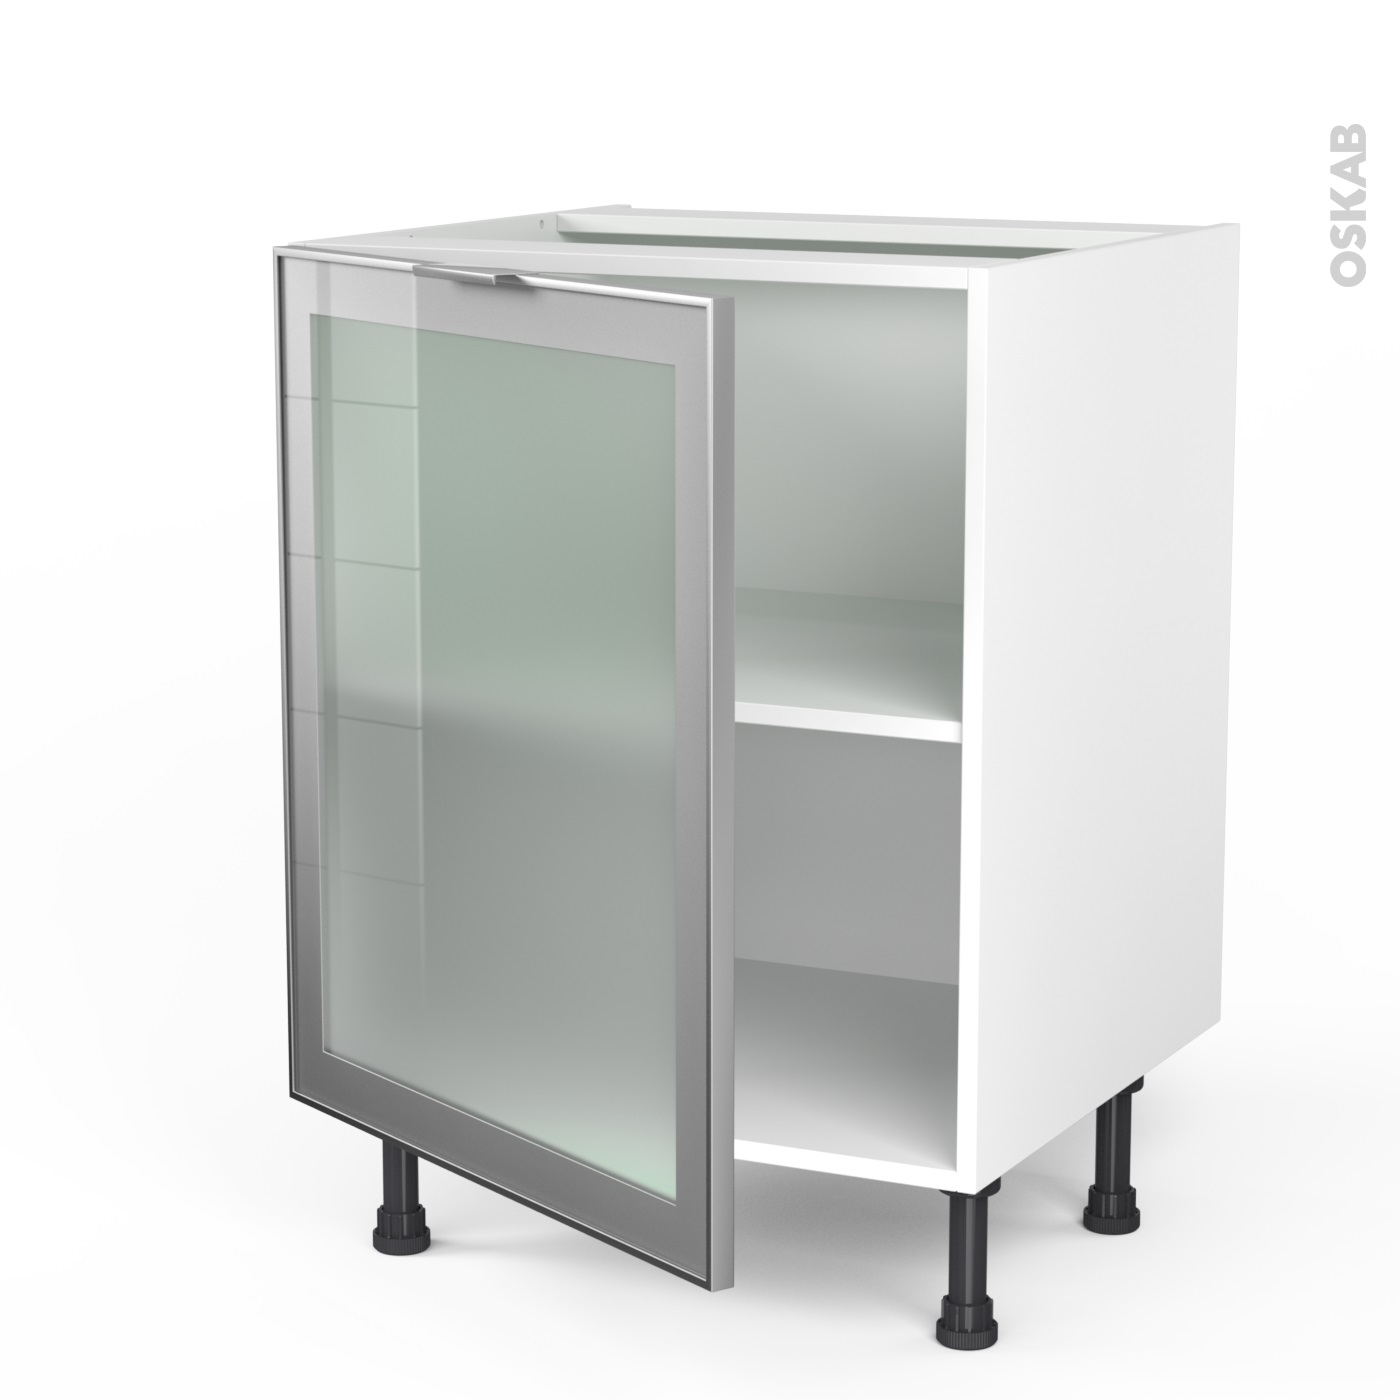 Meuble haut & bas cuisine vitré, Porte vitrée noir, blanc ou alu ...